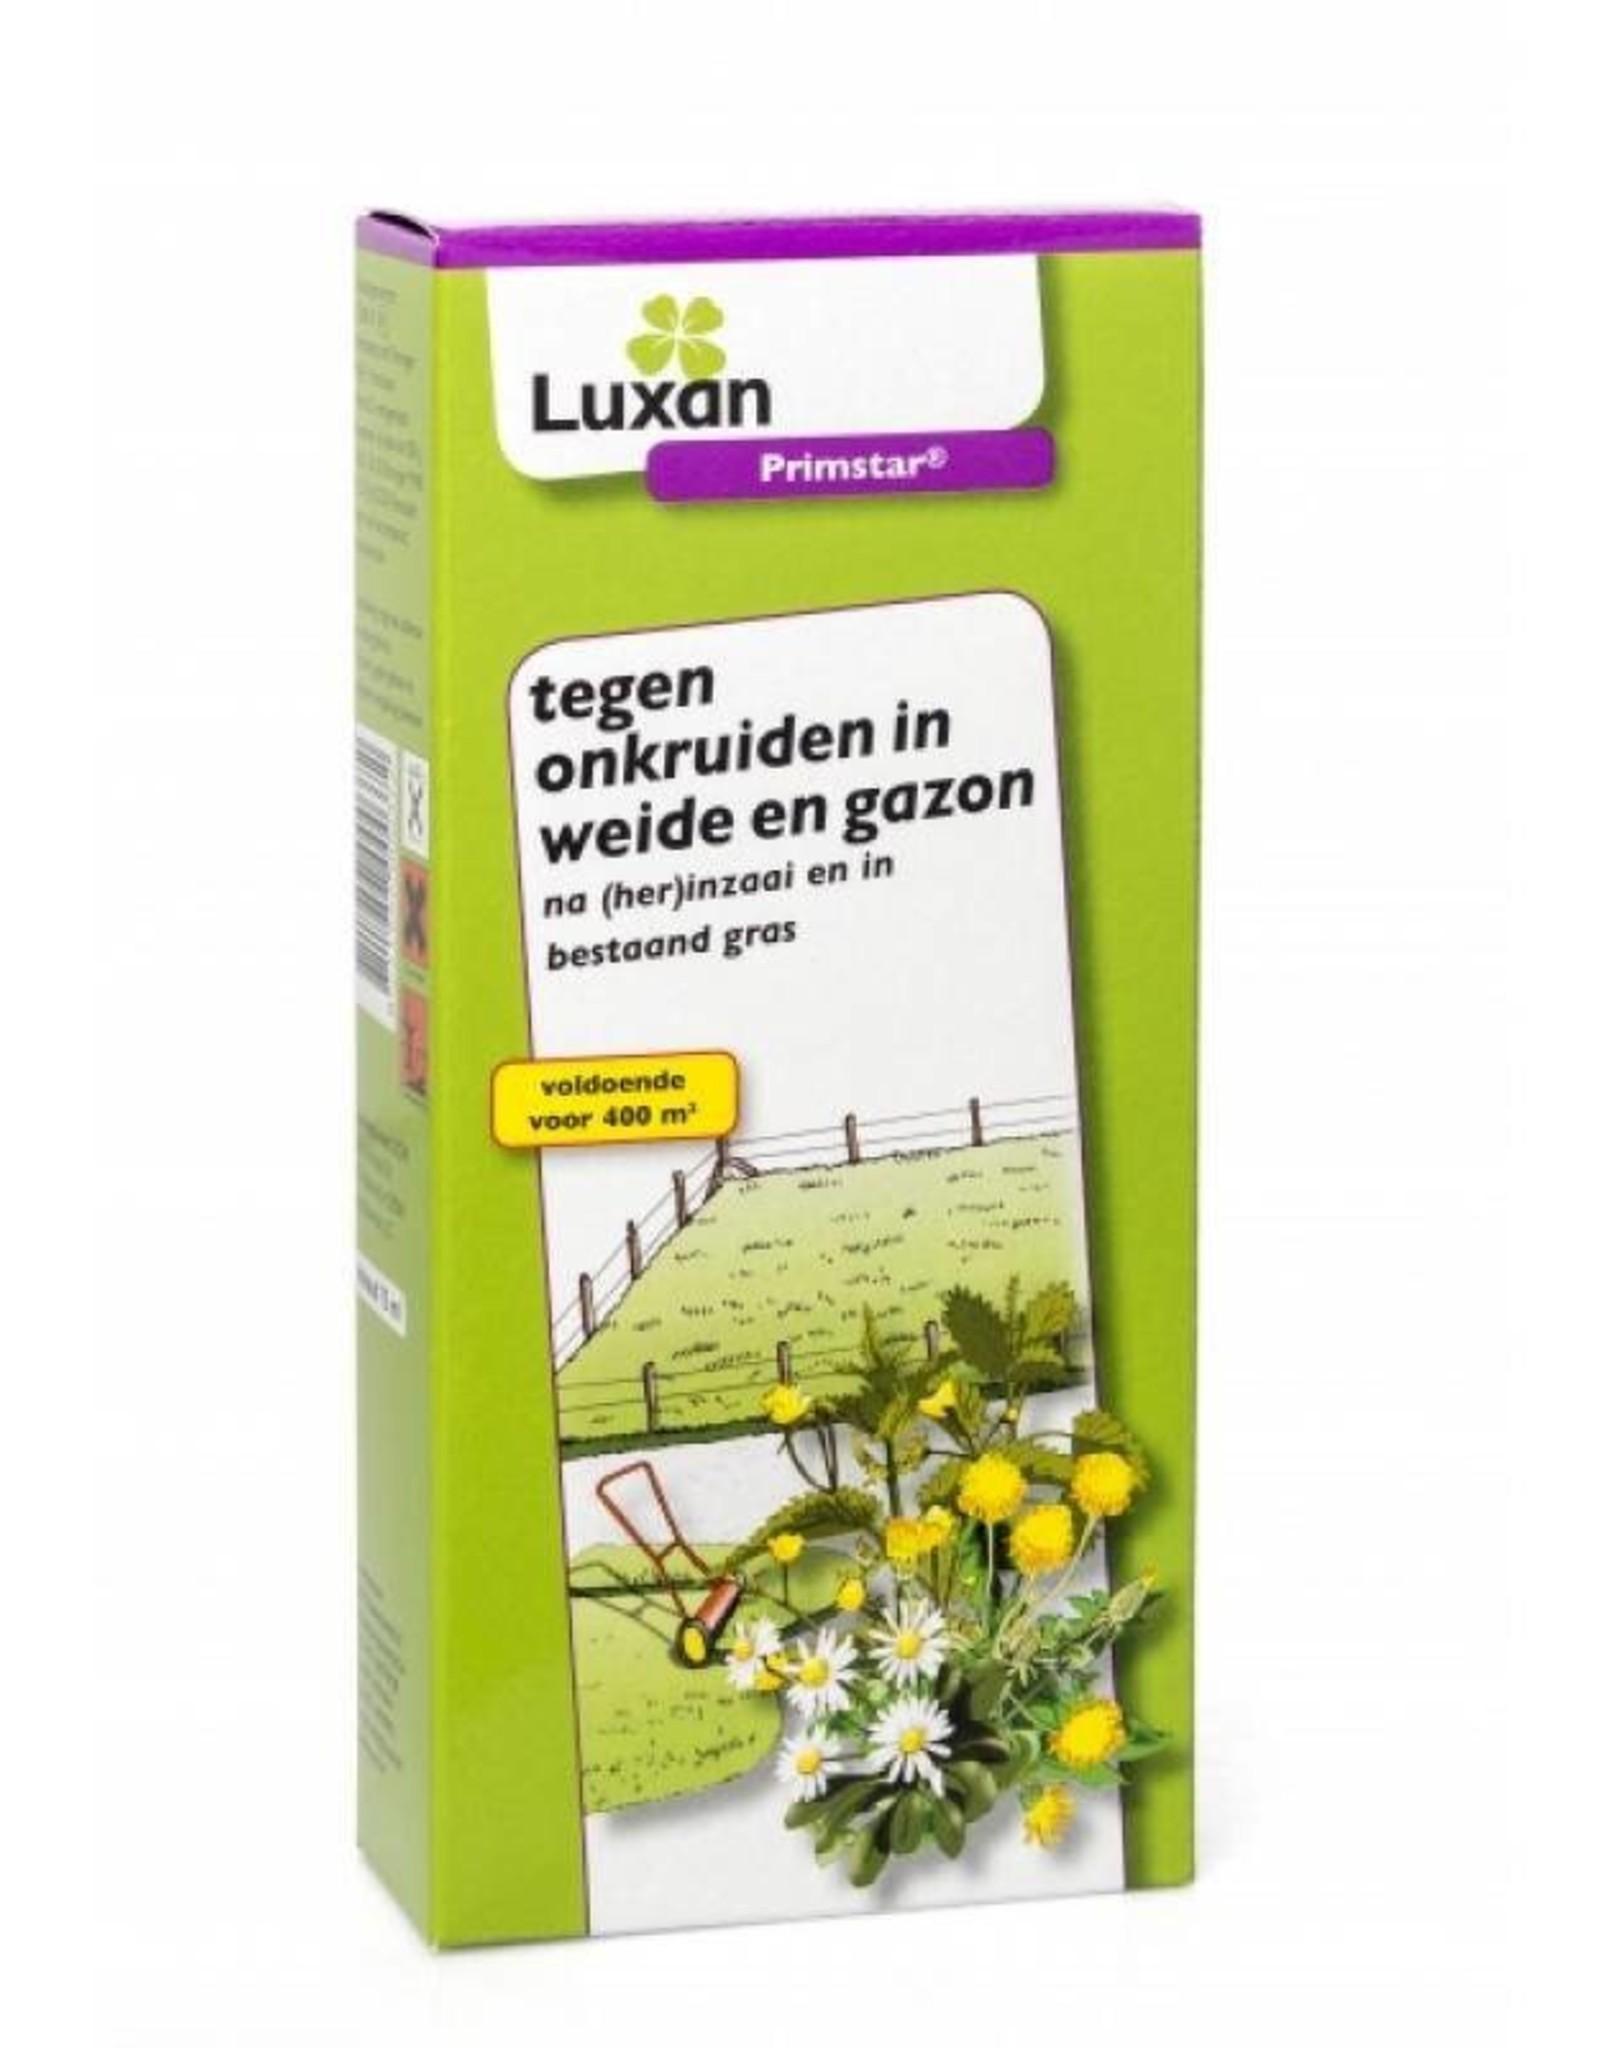 Luxan Primstar 75 ml (concentraat) tegen onkruiden in weide en gazon